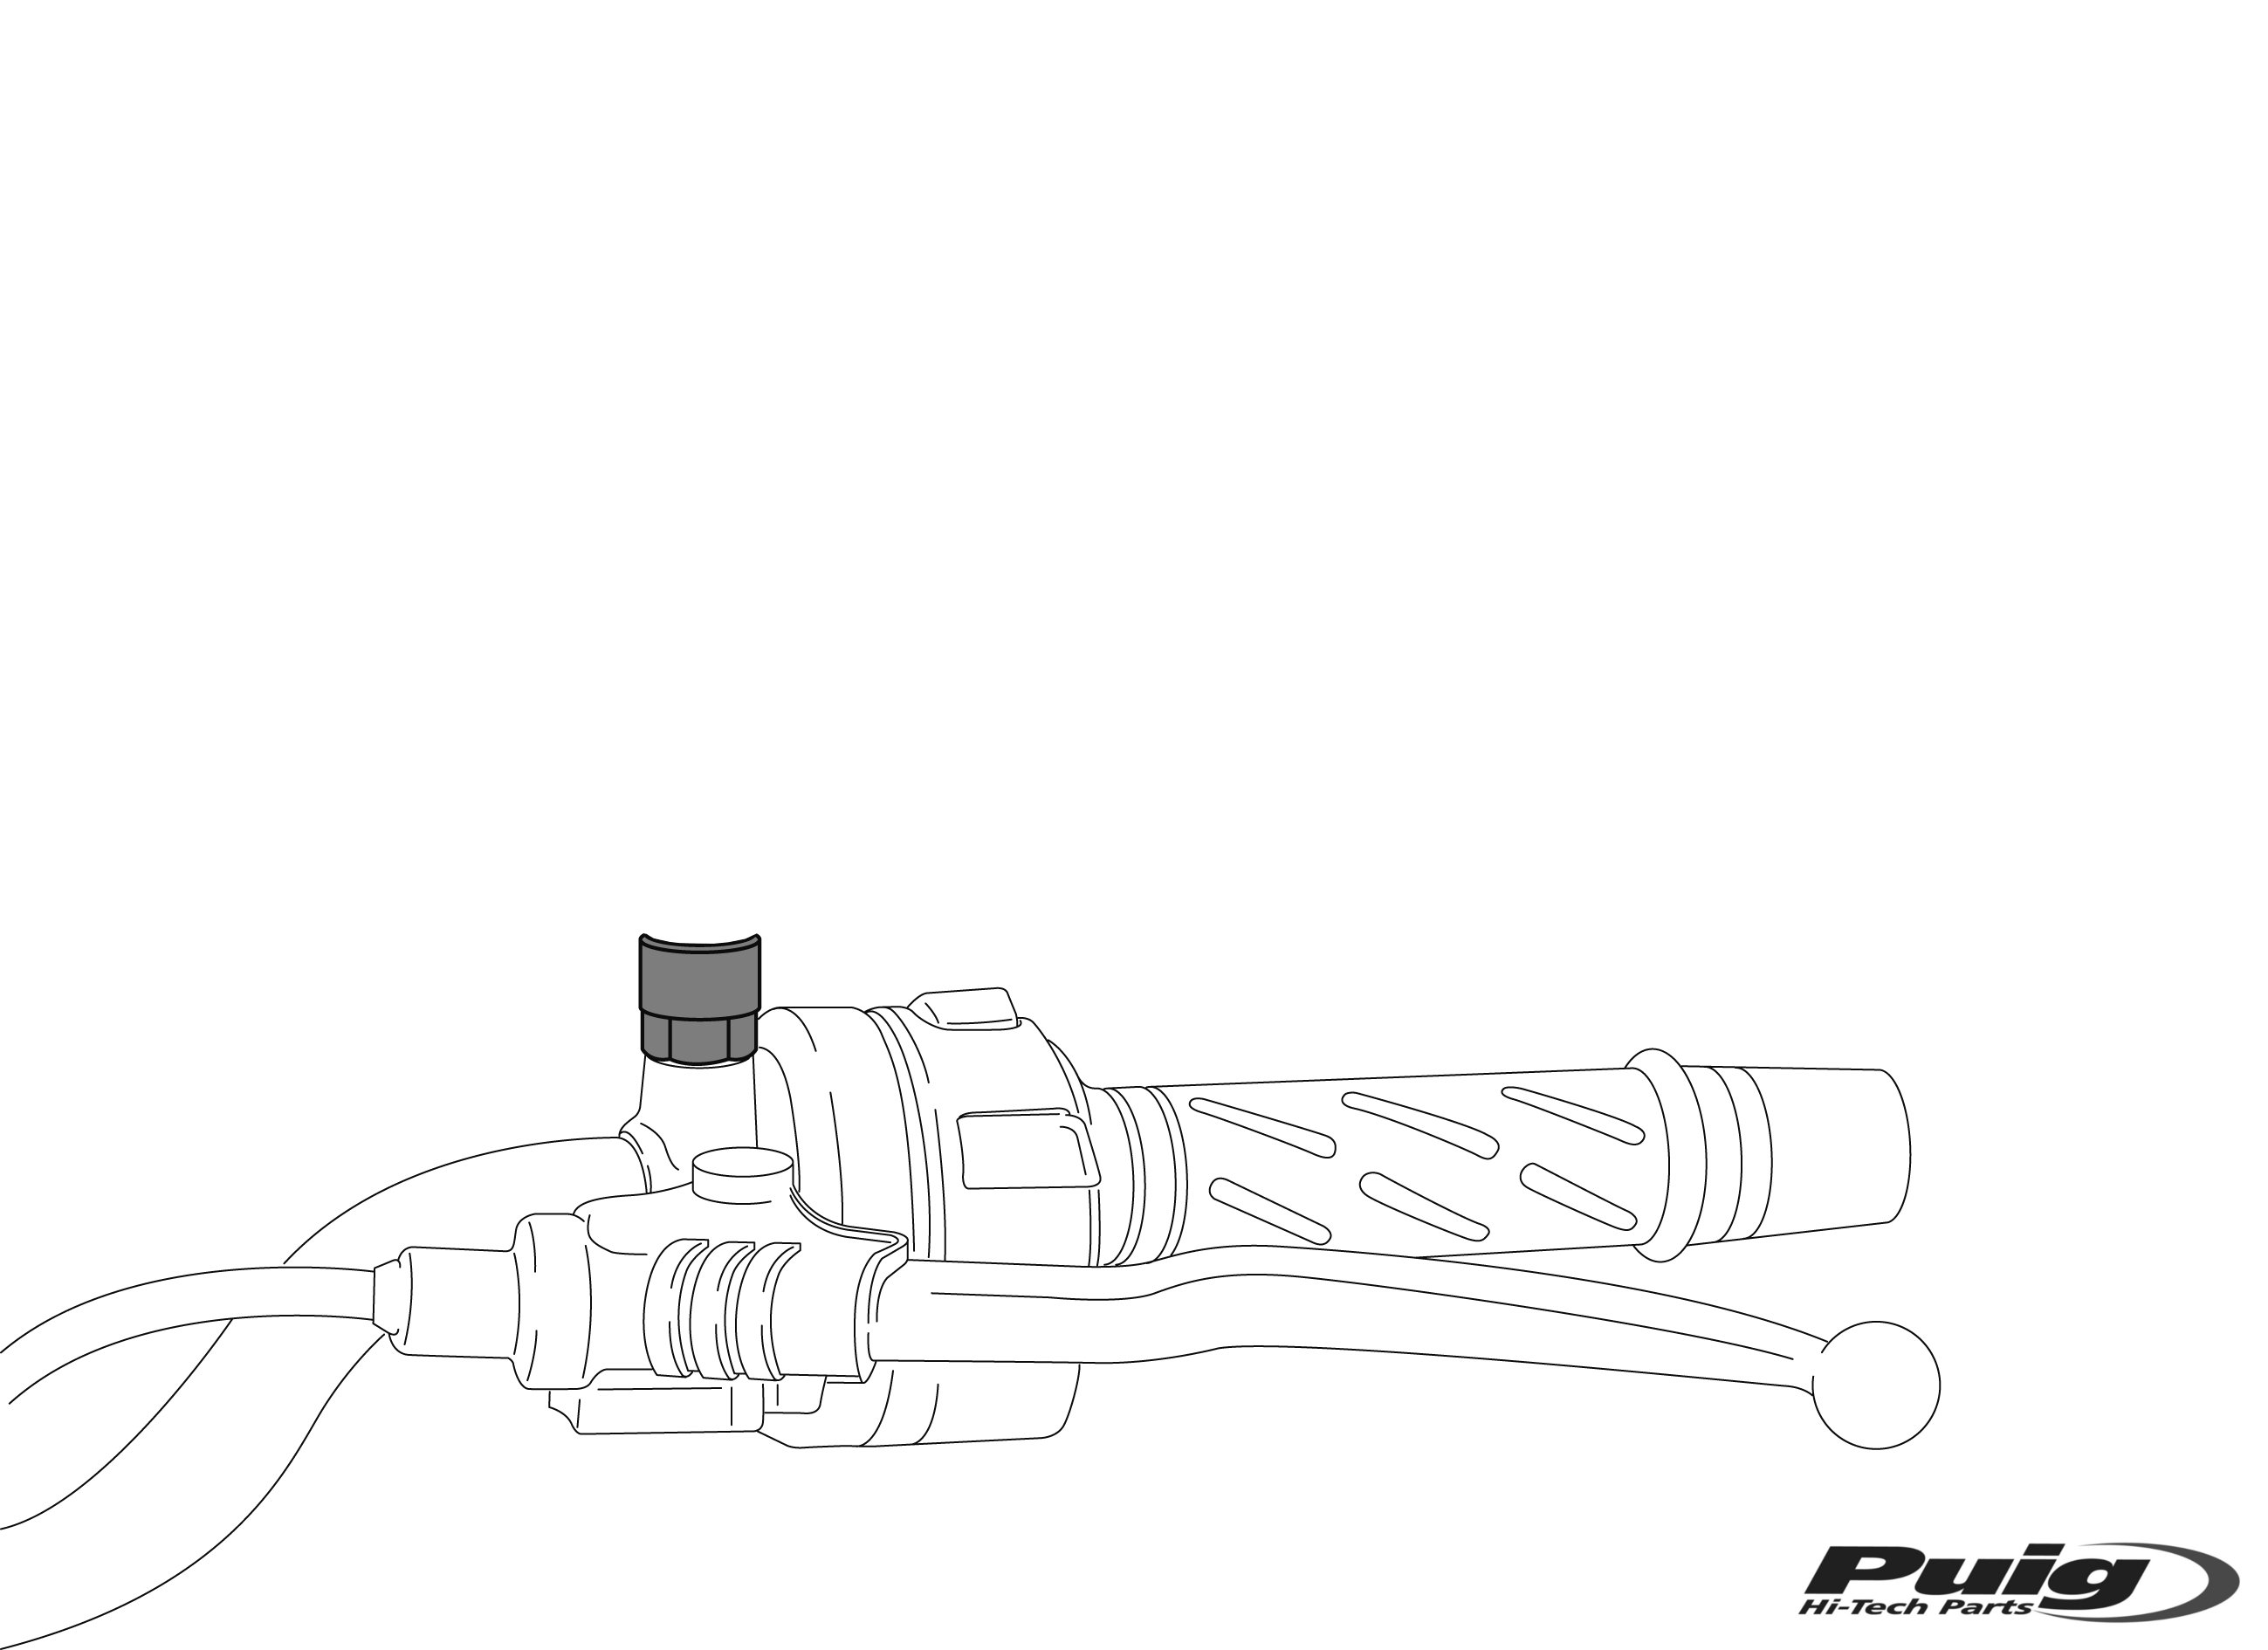 Adaptador para retrovisores Puig 9585N lado izquierdo para BMW (mirar modelos compatibles)